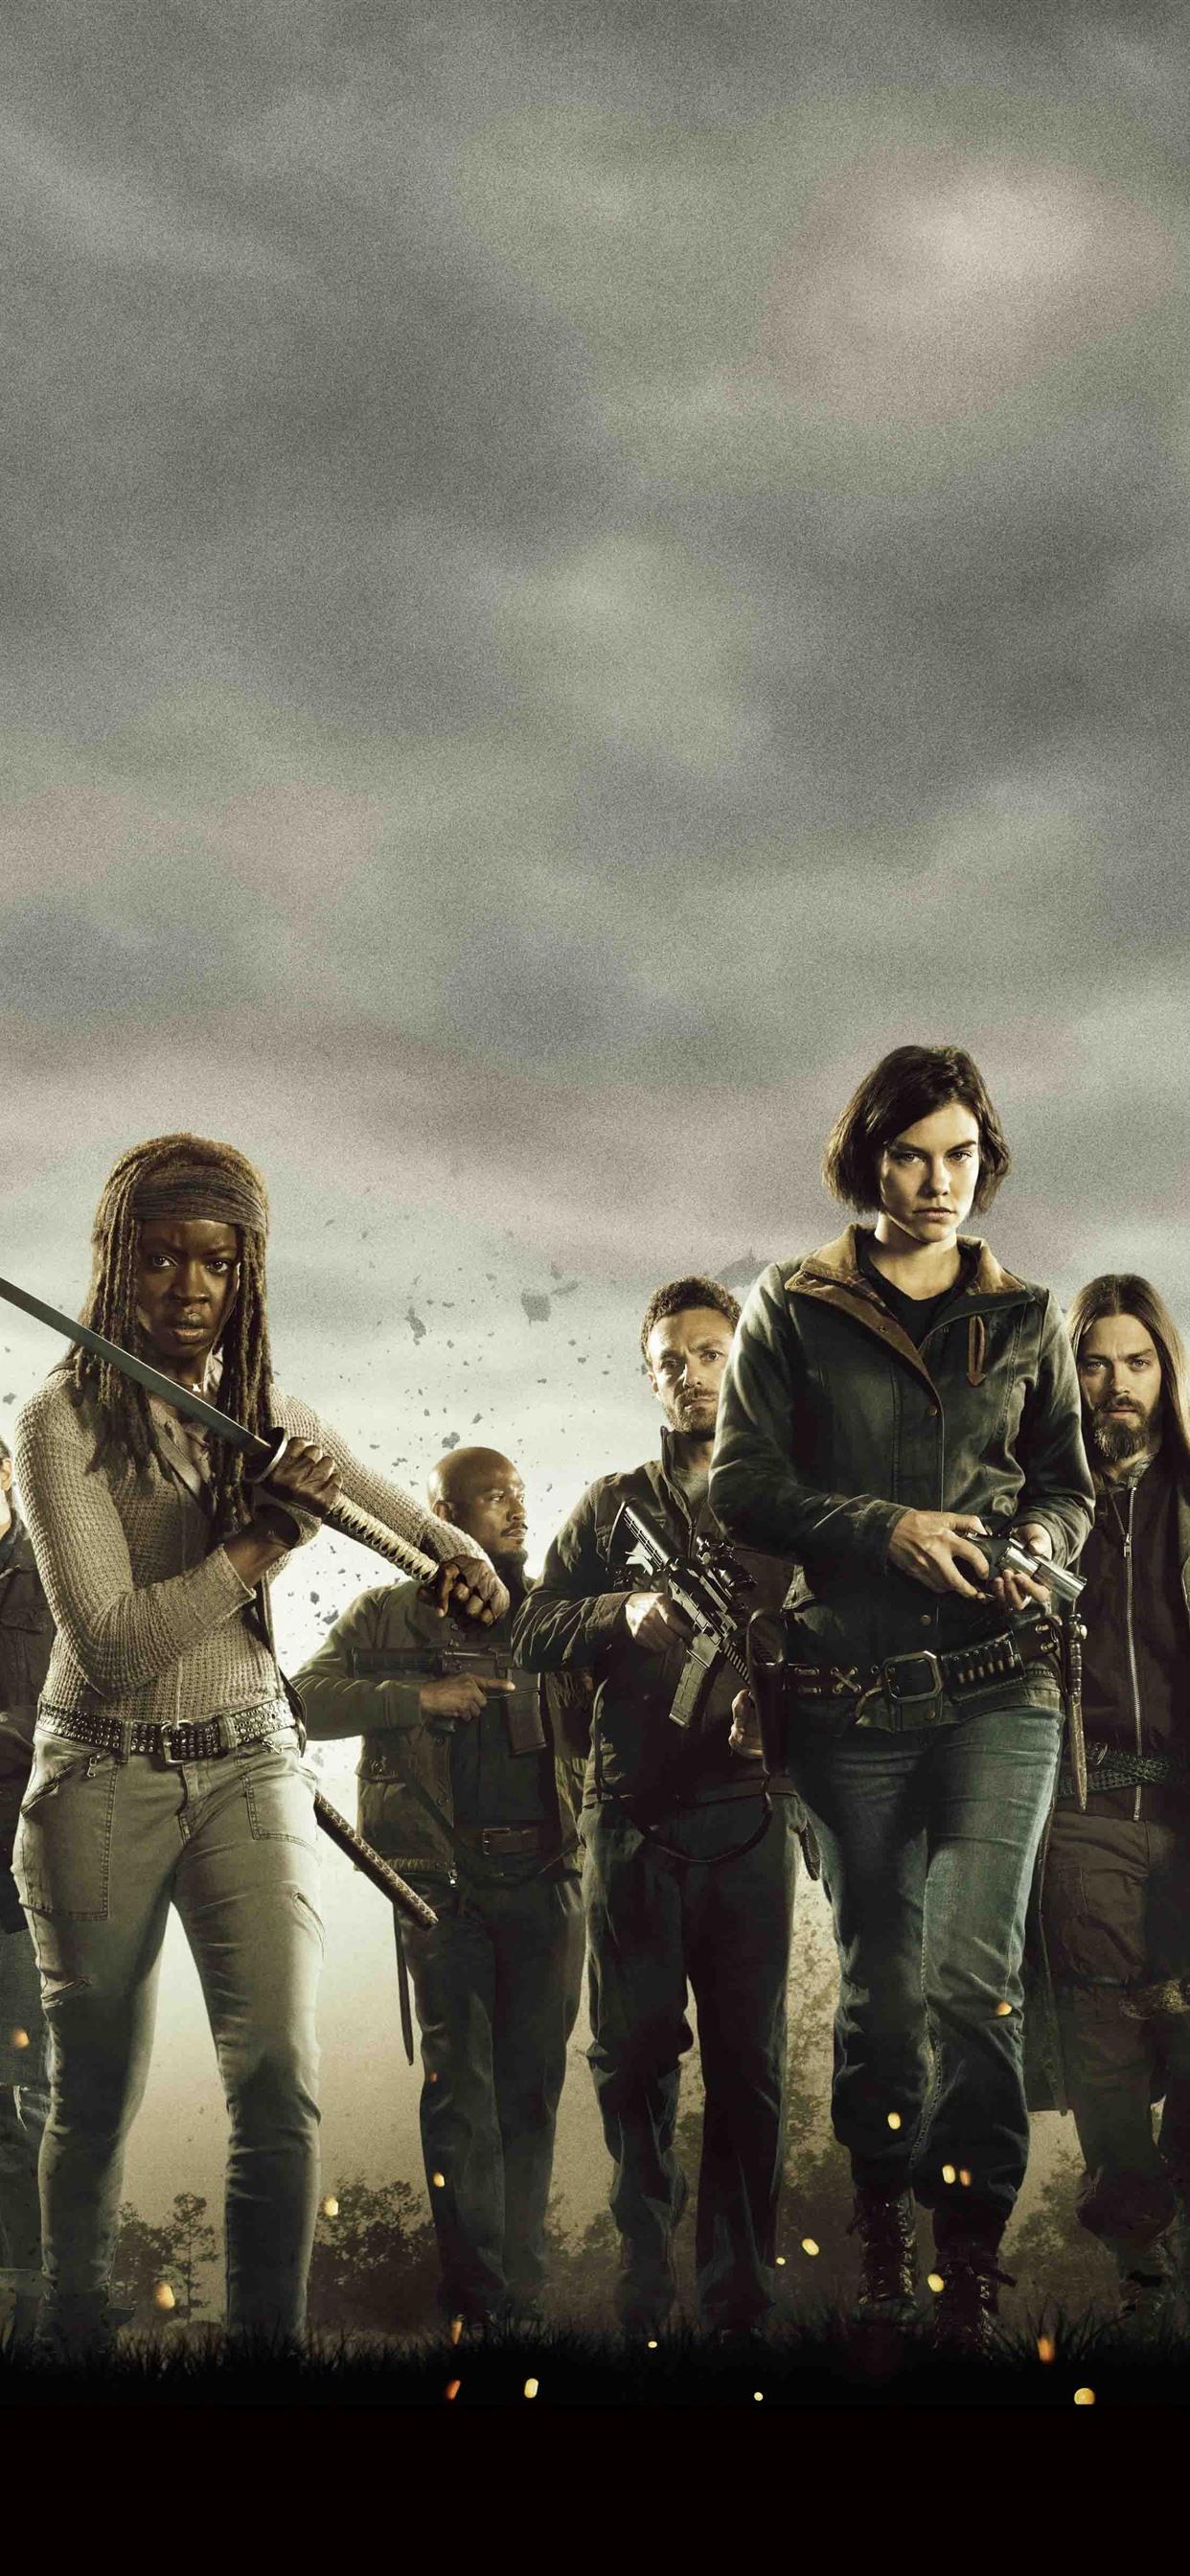 Iphone Wallpaper The Walking Dead, Amc Tv Series - Walking Dead Season 8 Part 2 - HD Wallpaper